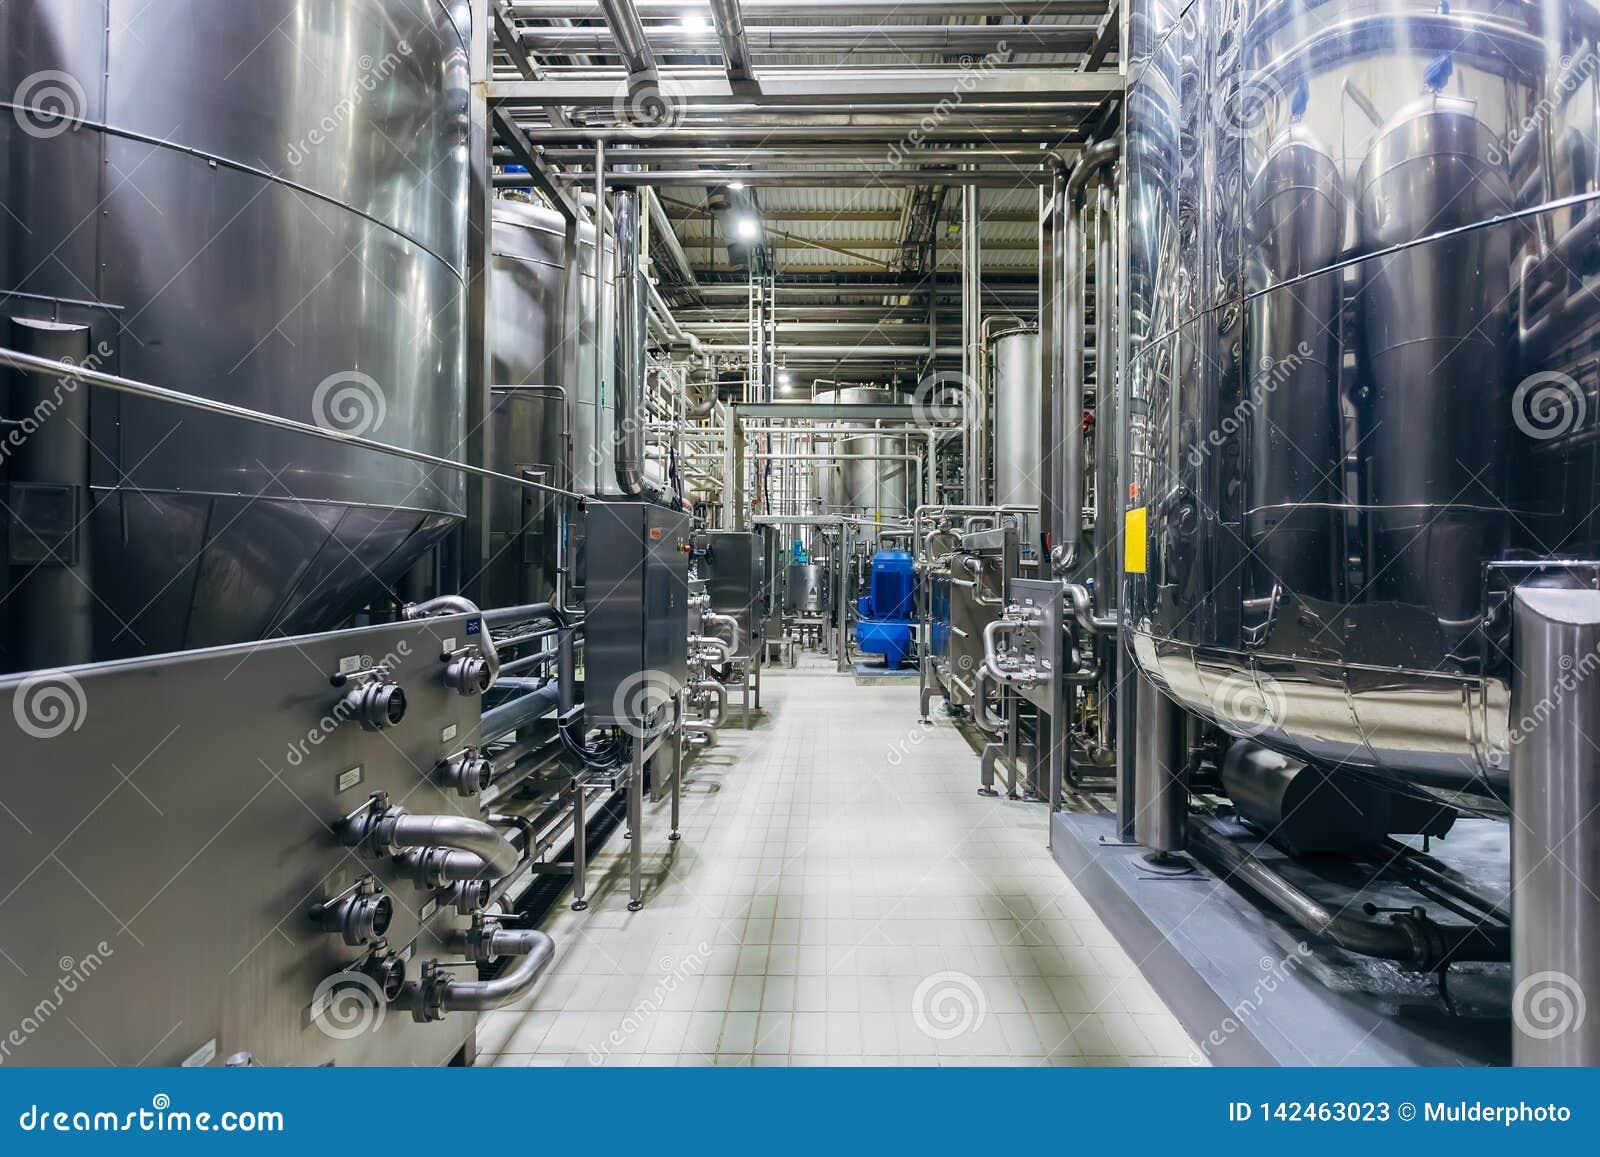 Industrielle Edelstahlbottiche in der modernen Brauerei